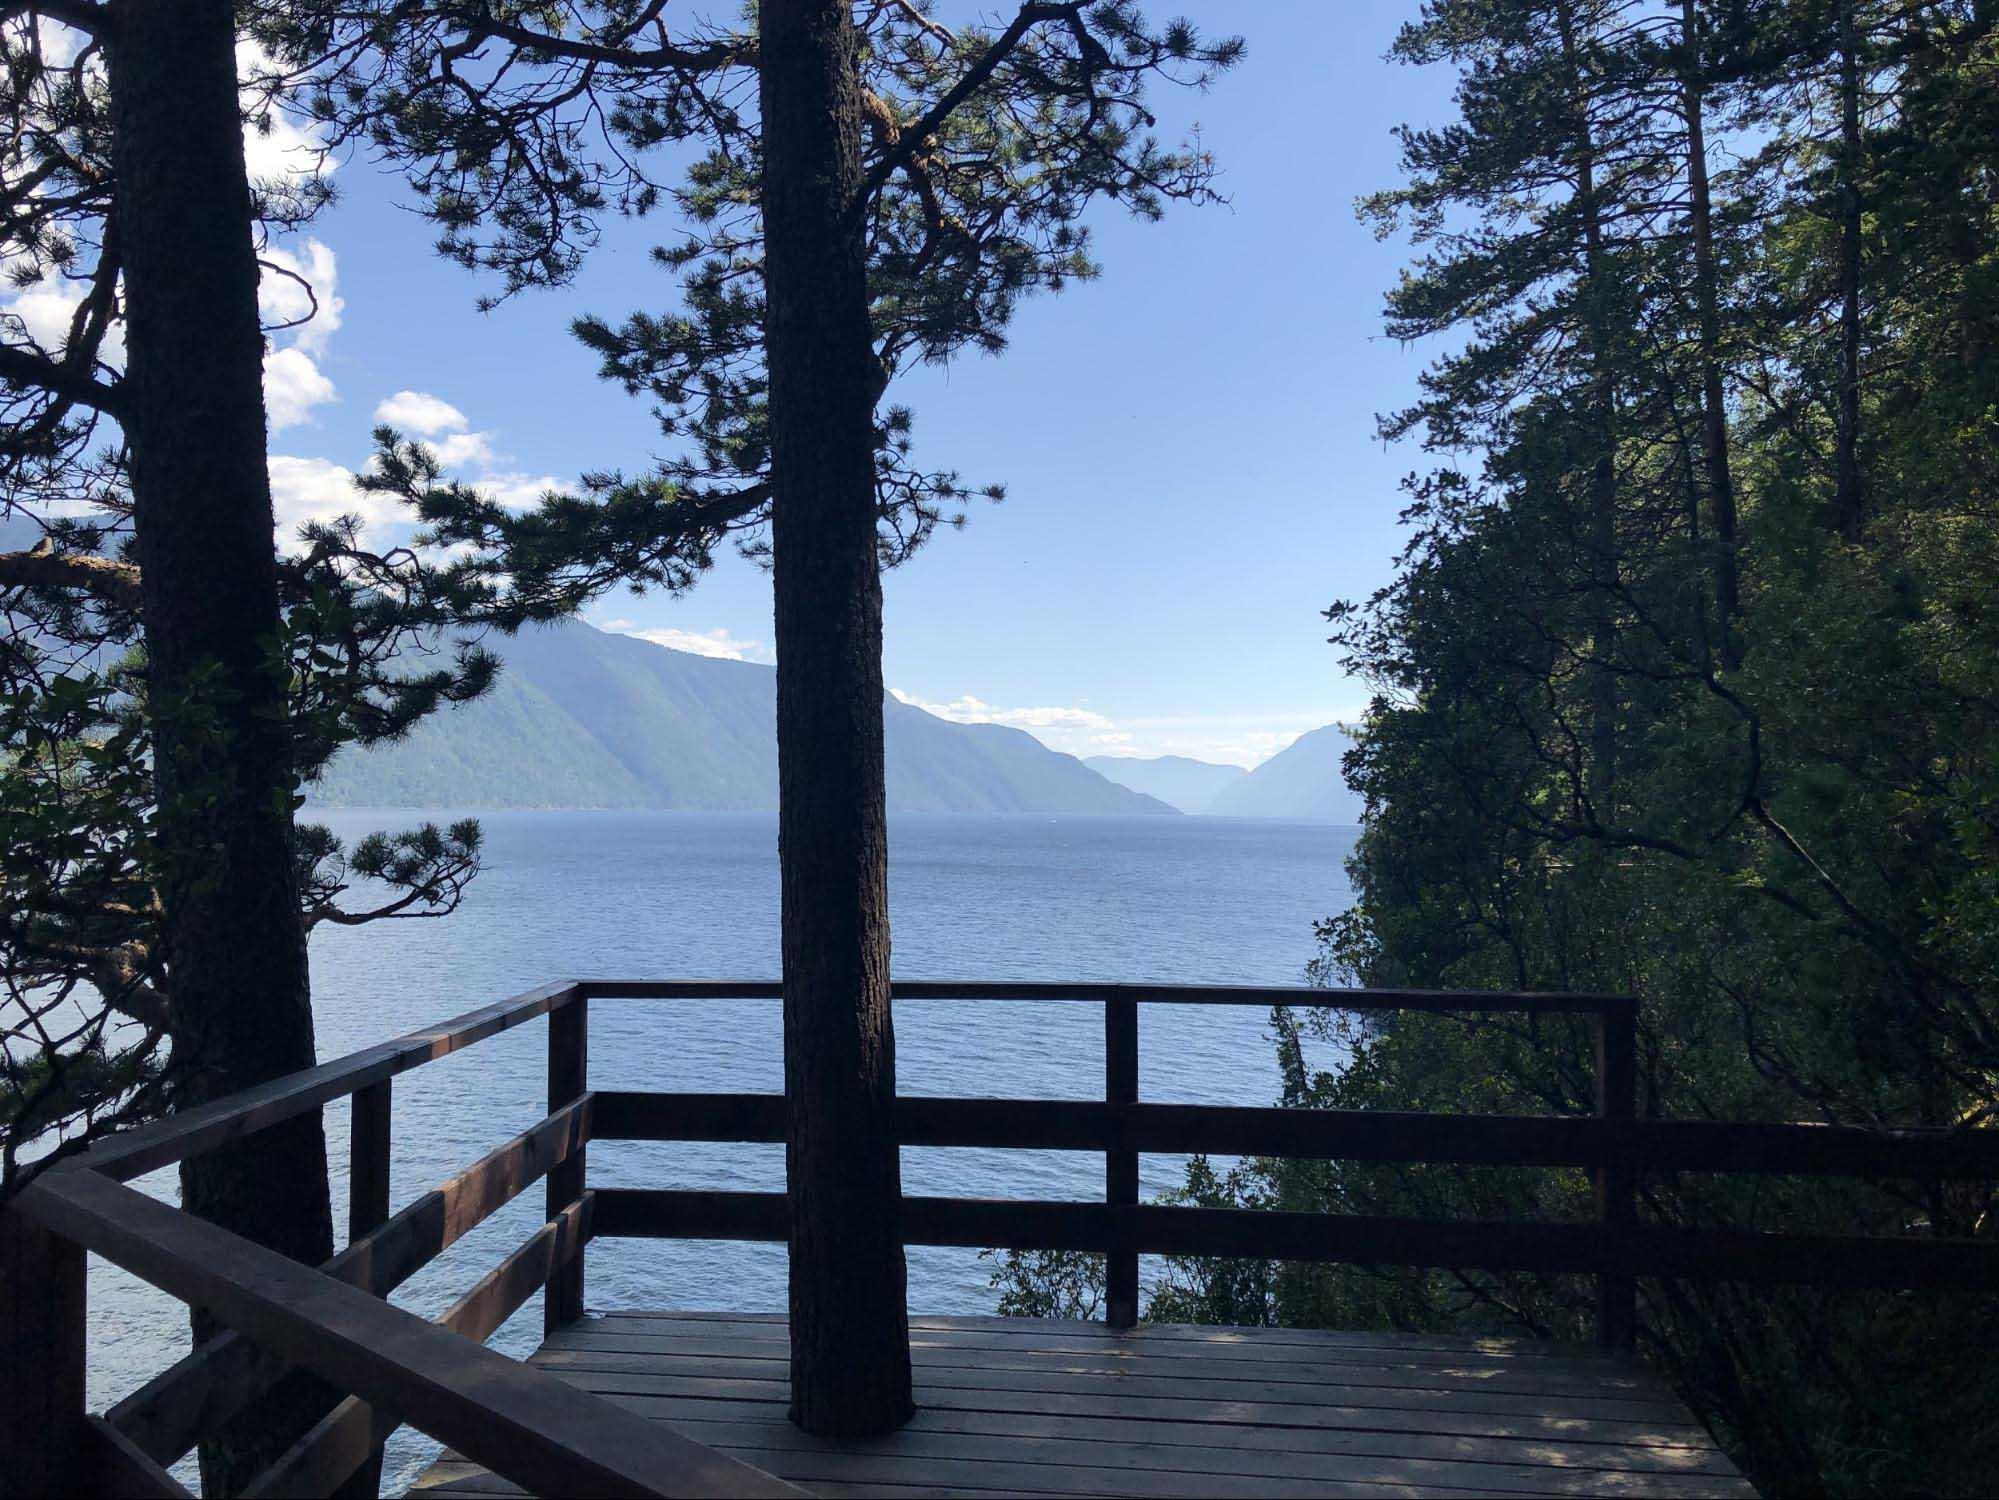 Шефред Аня Федина шлет из отпуска на Алтае такие фотографии — спасибо, Аня